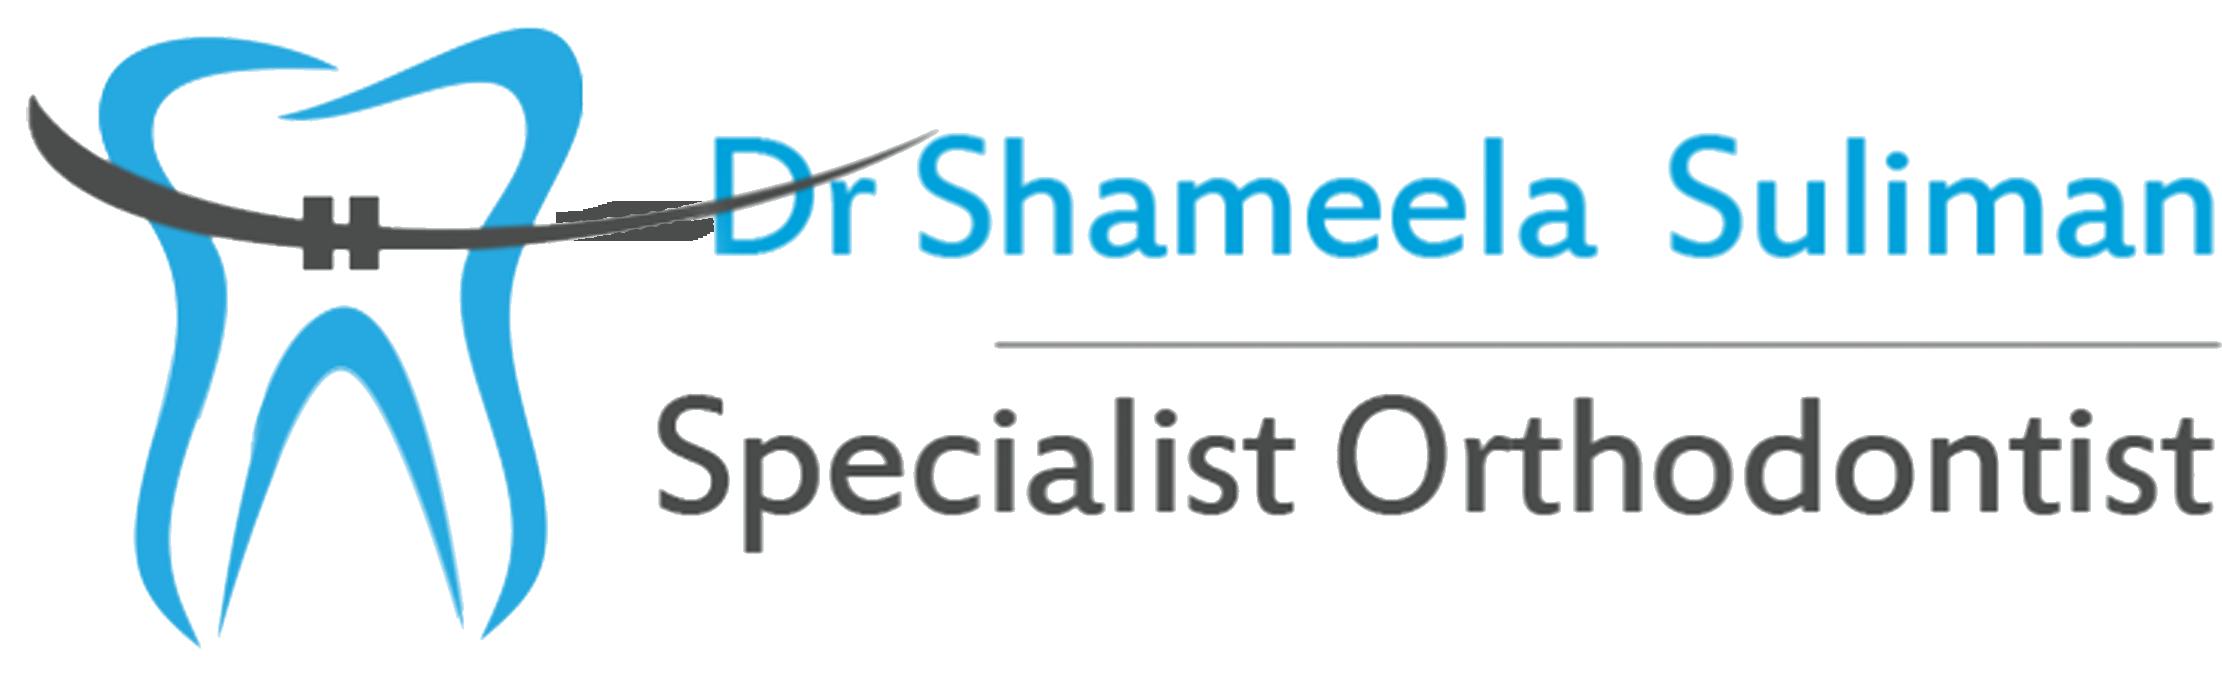 Dr Shameela Suliman